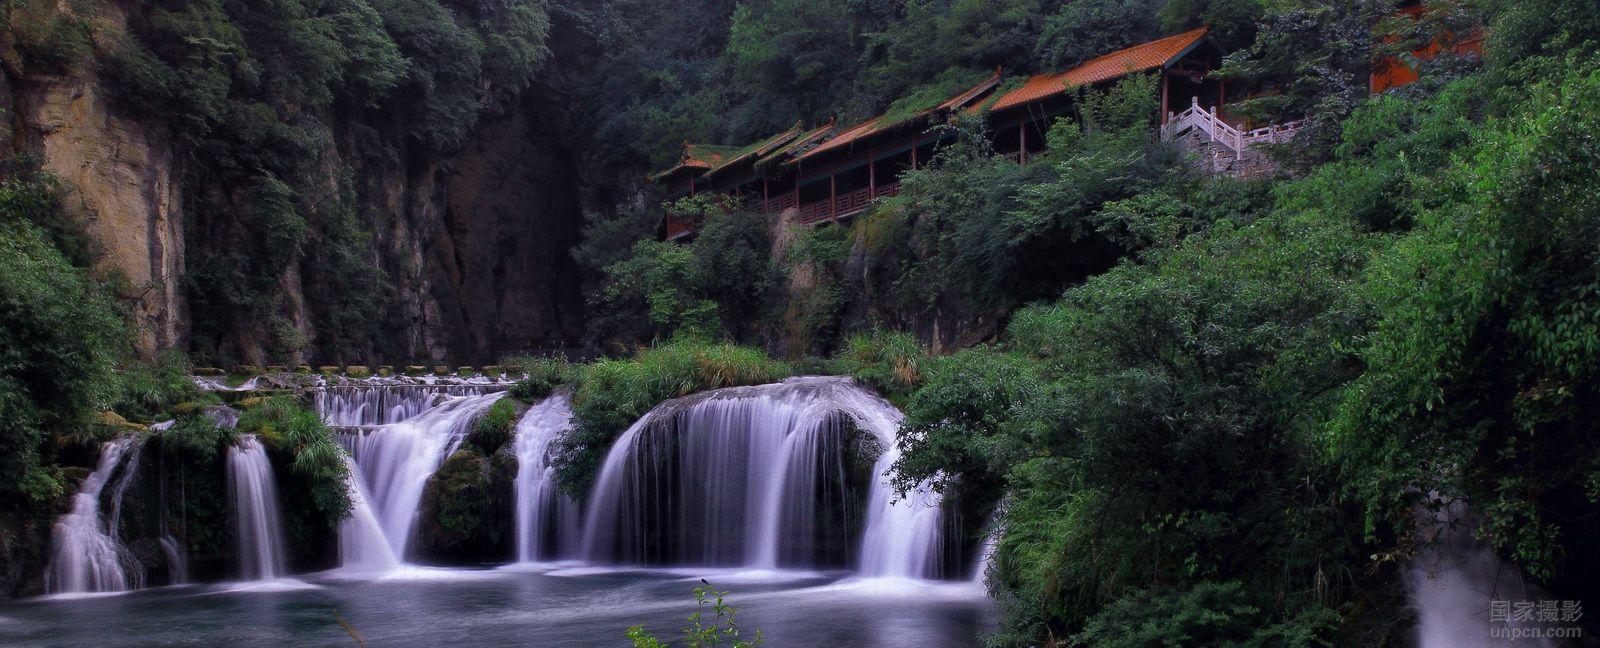 天河潭风景区位于贵阳市花溪区石板镇境内